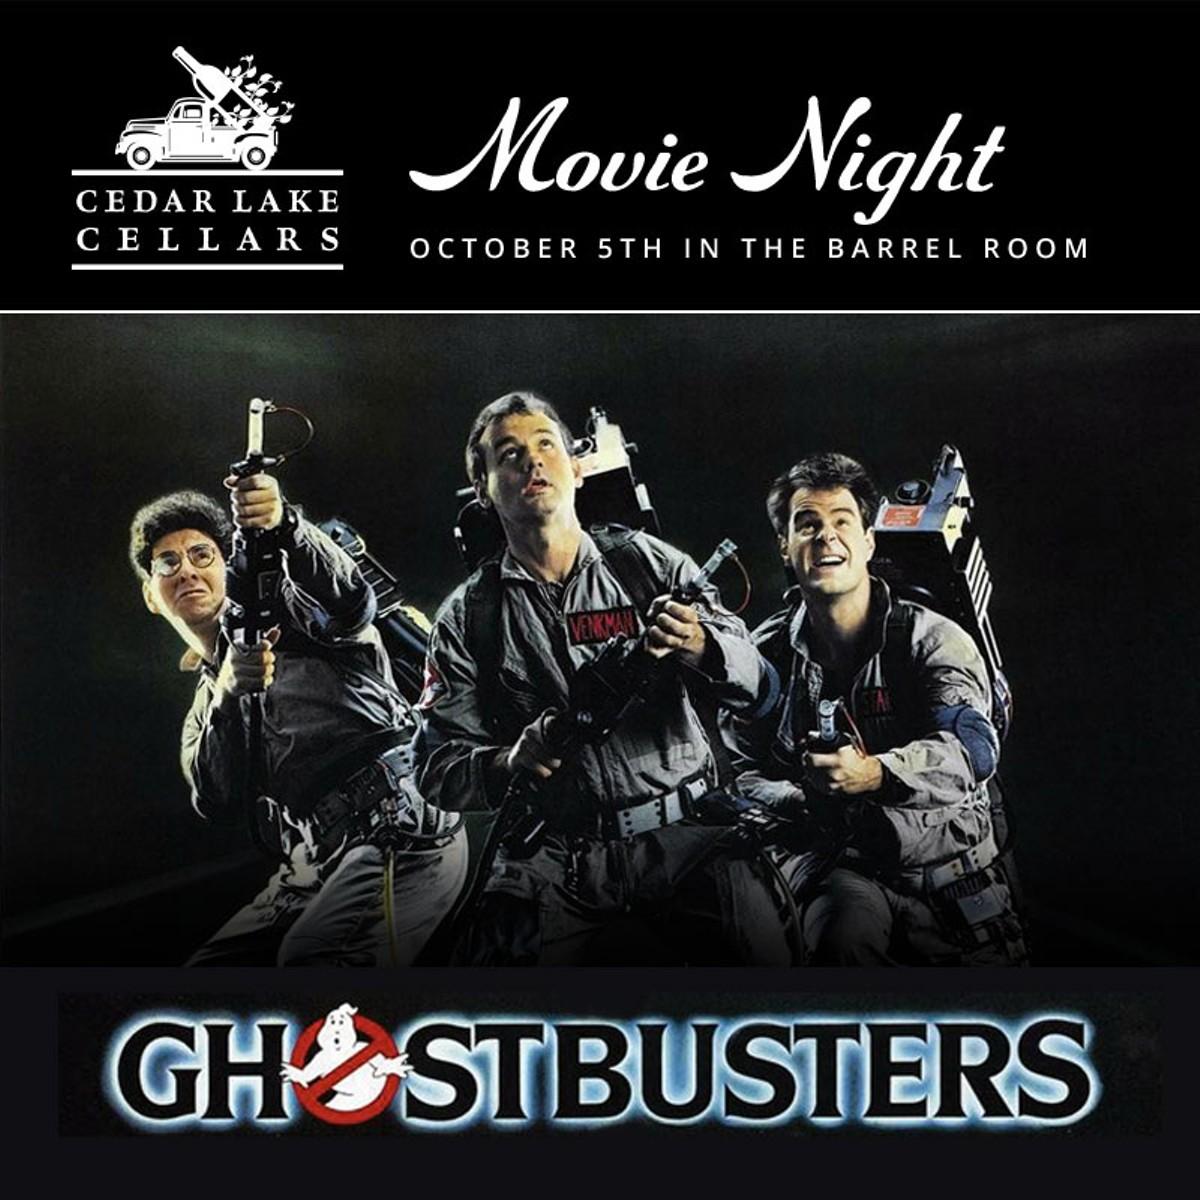 ghostbusters_movie.jpg